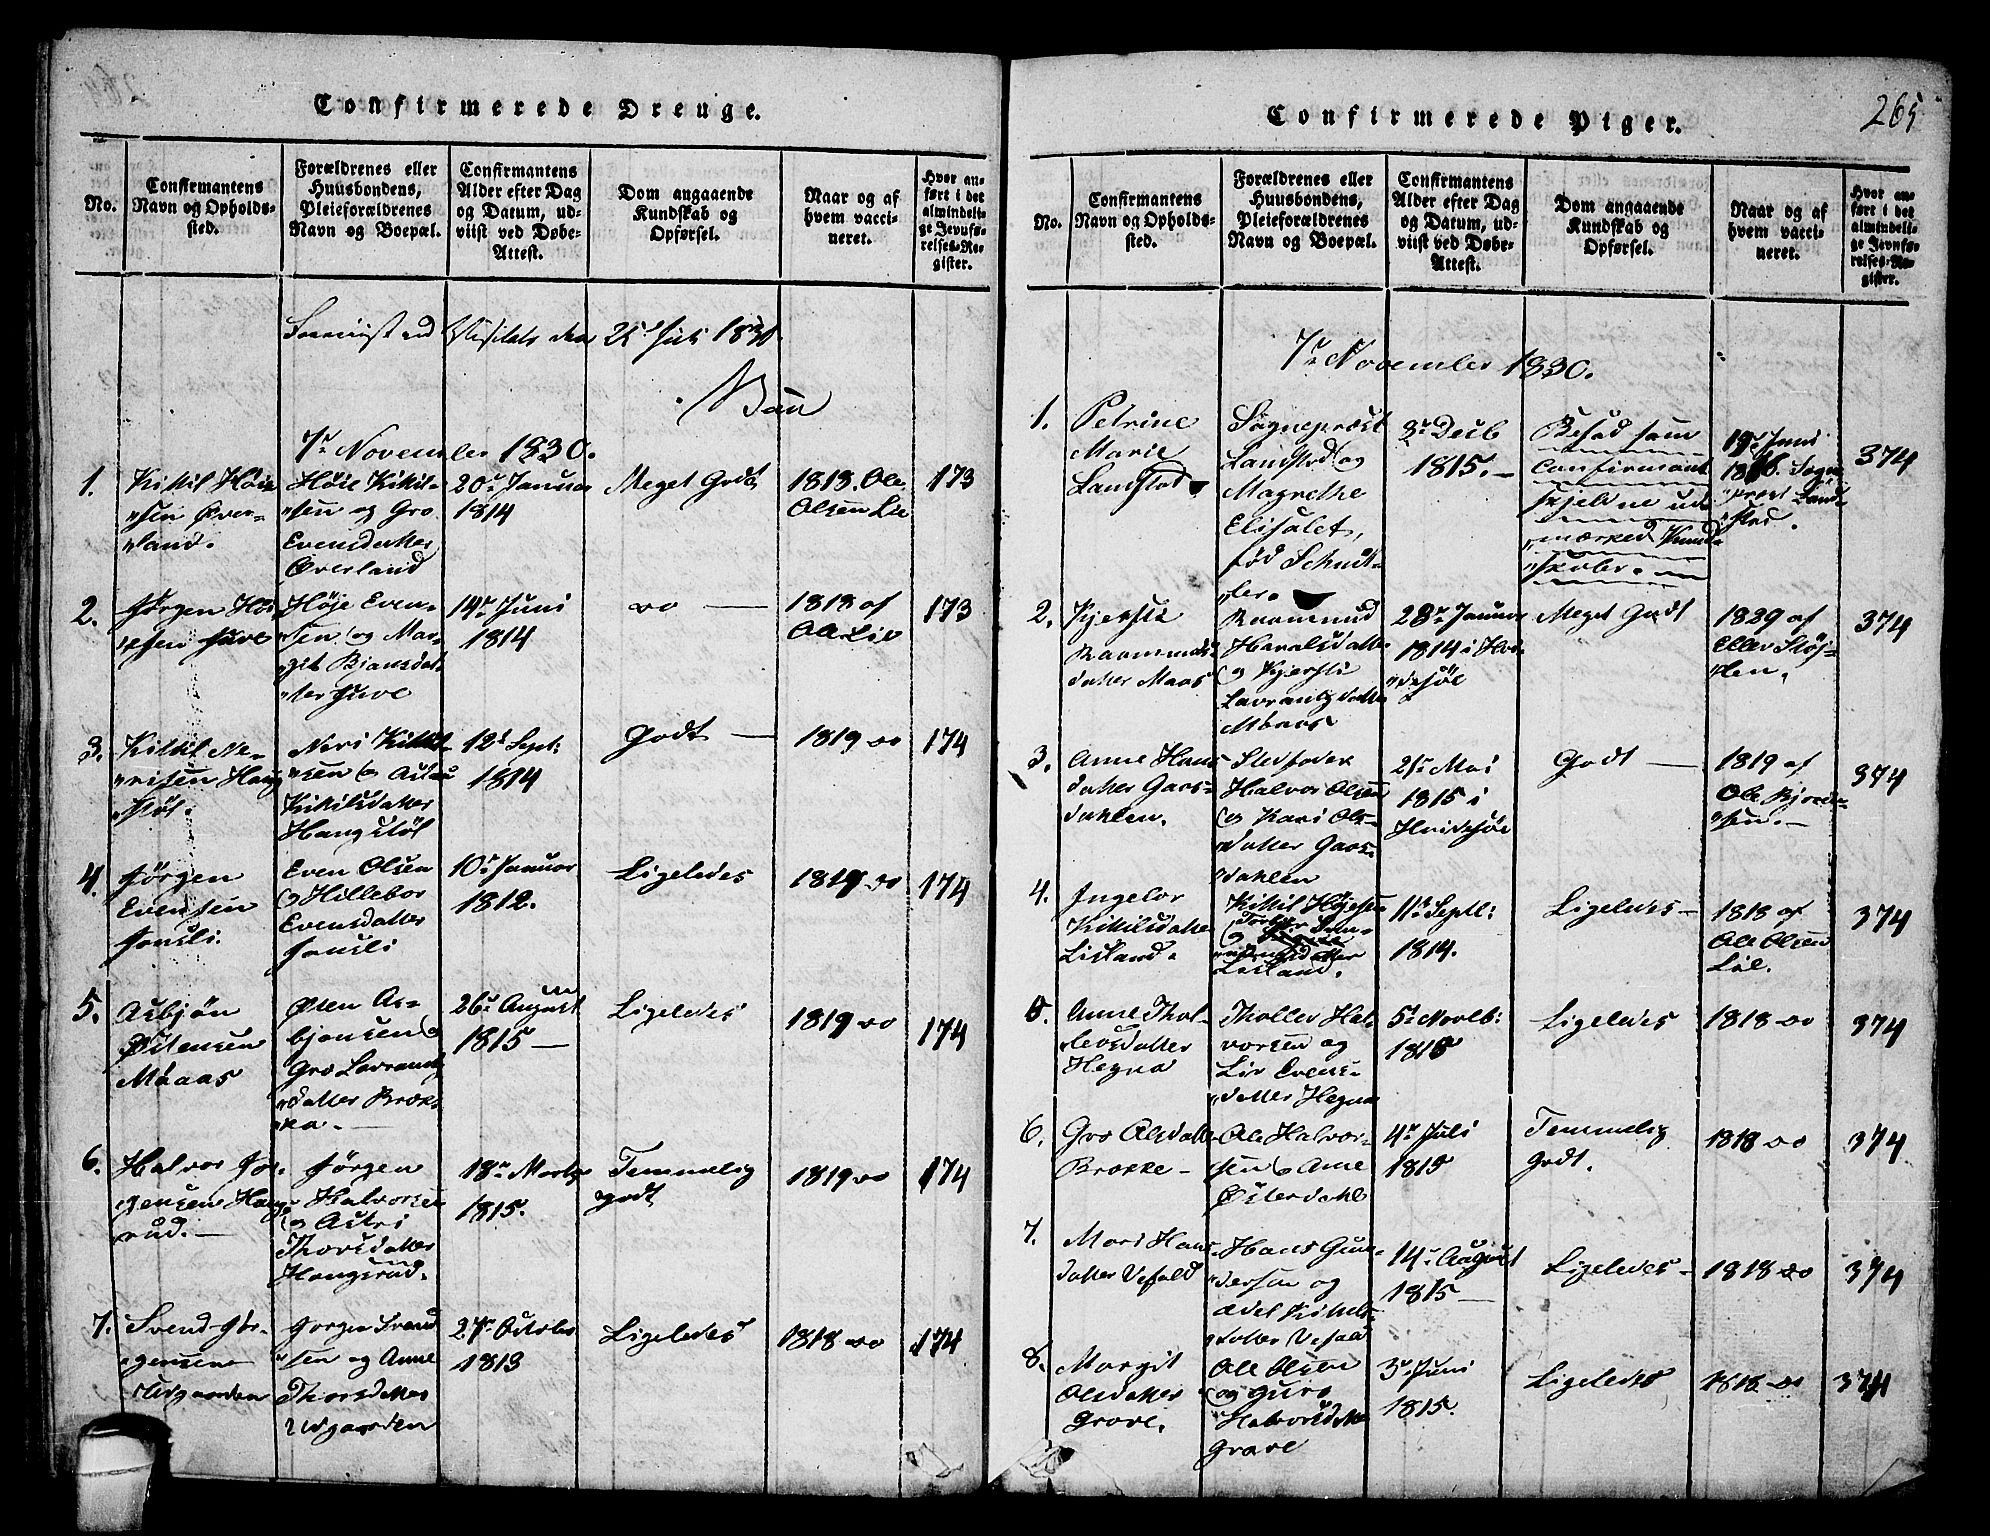 SAKO, Seljord kirkebøker, F/Fa/L0010: Ministerialbok nr. I 10, 1815-1831, s. 265